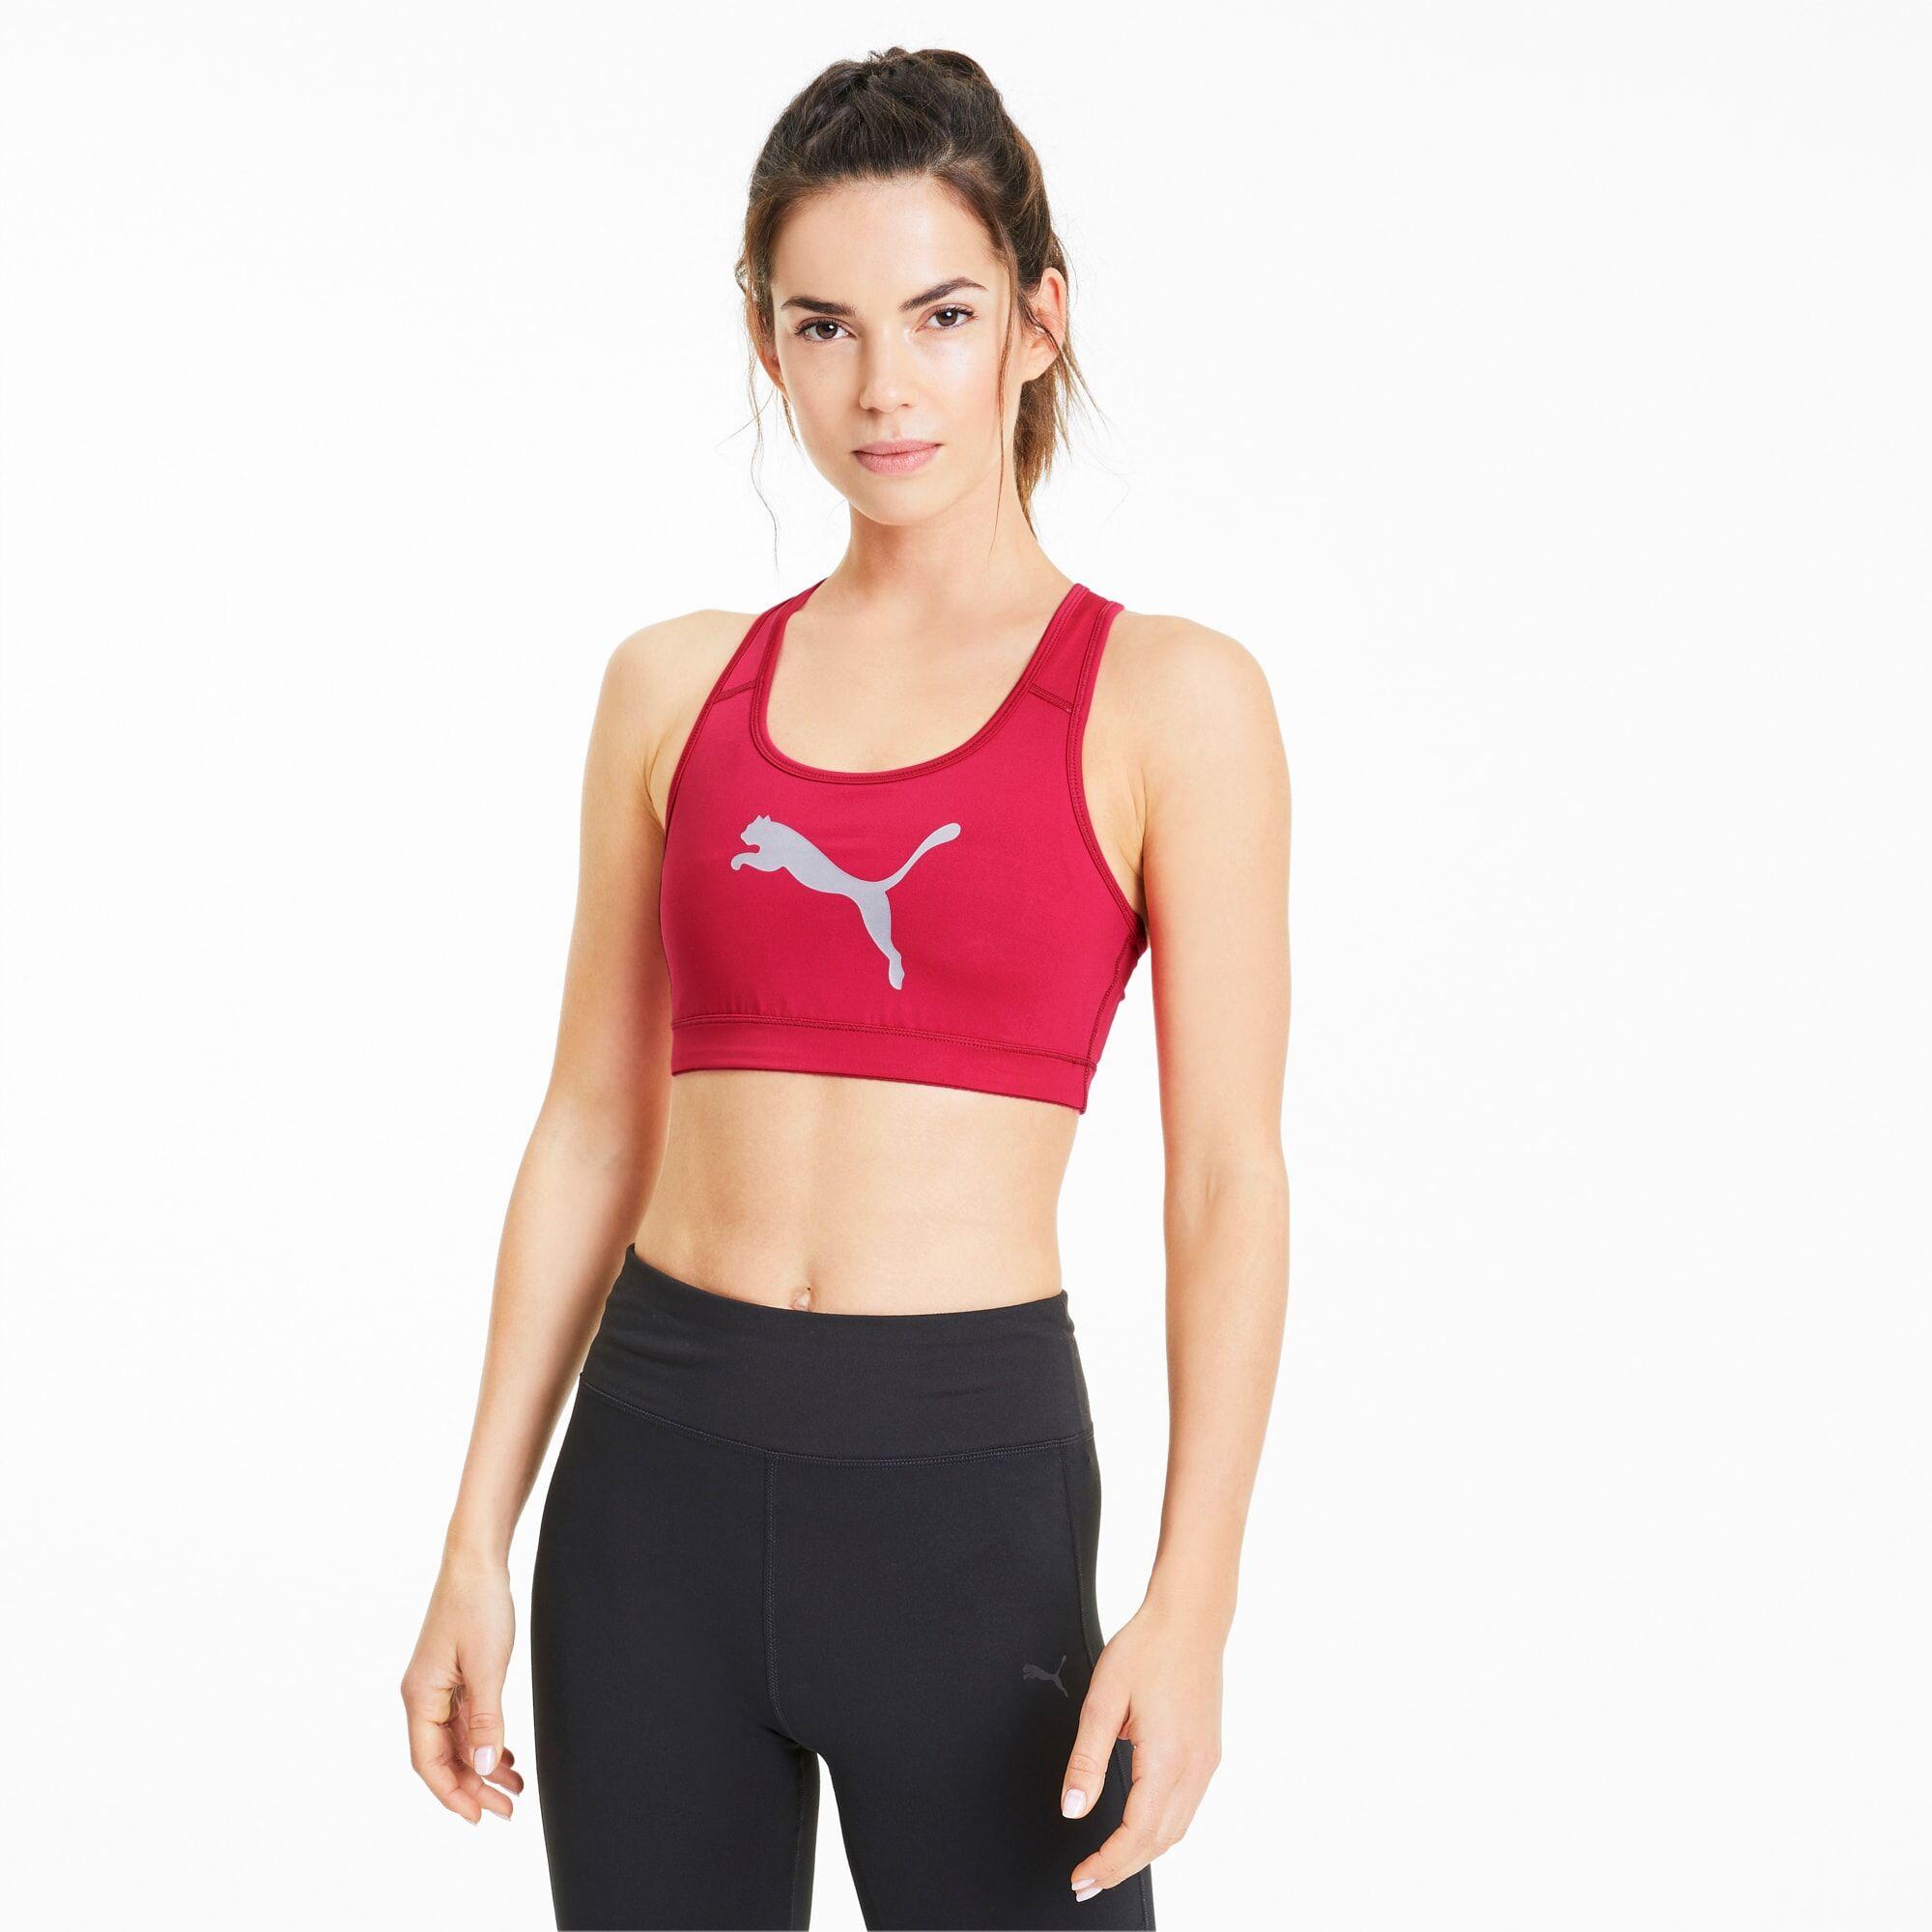 PUMA Soutien-gorge de sport 4Keeps pour Femme, Argent/Rose/Logo Chat, Taille S, Vêtements